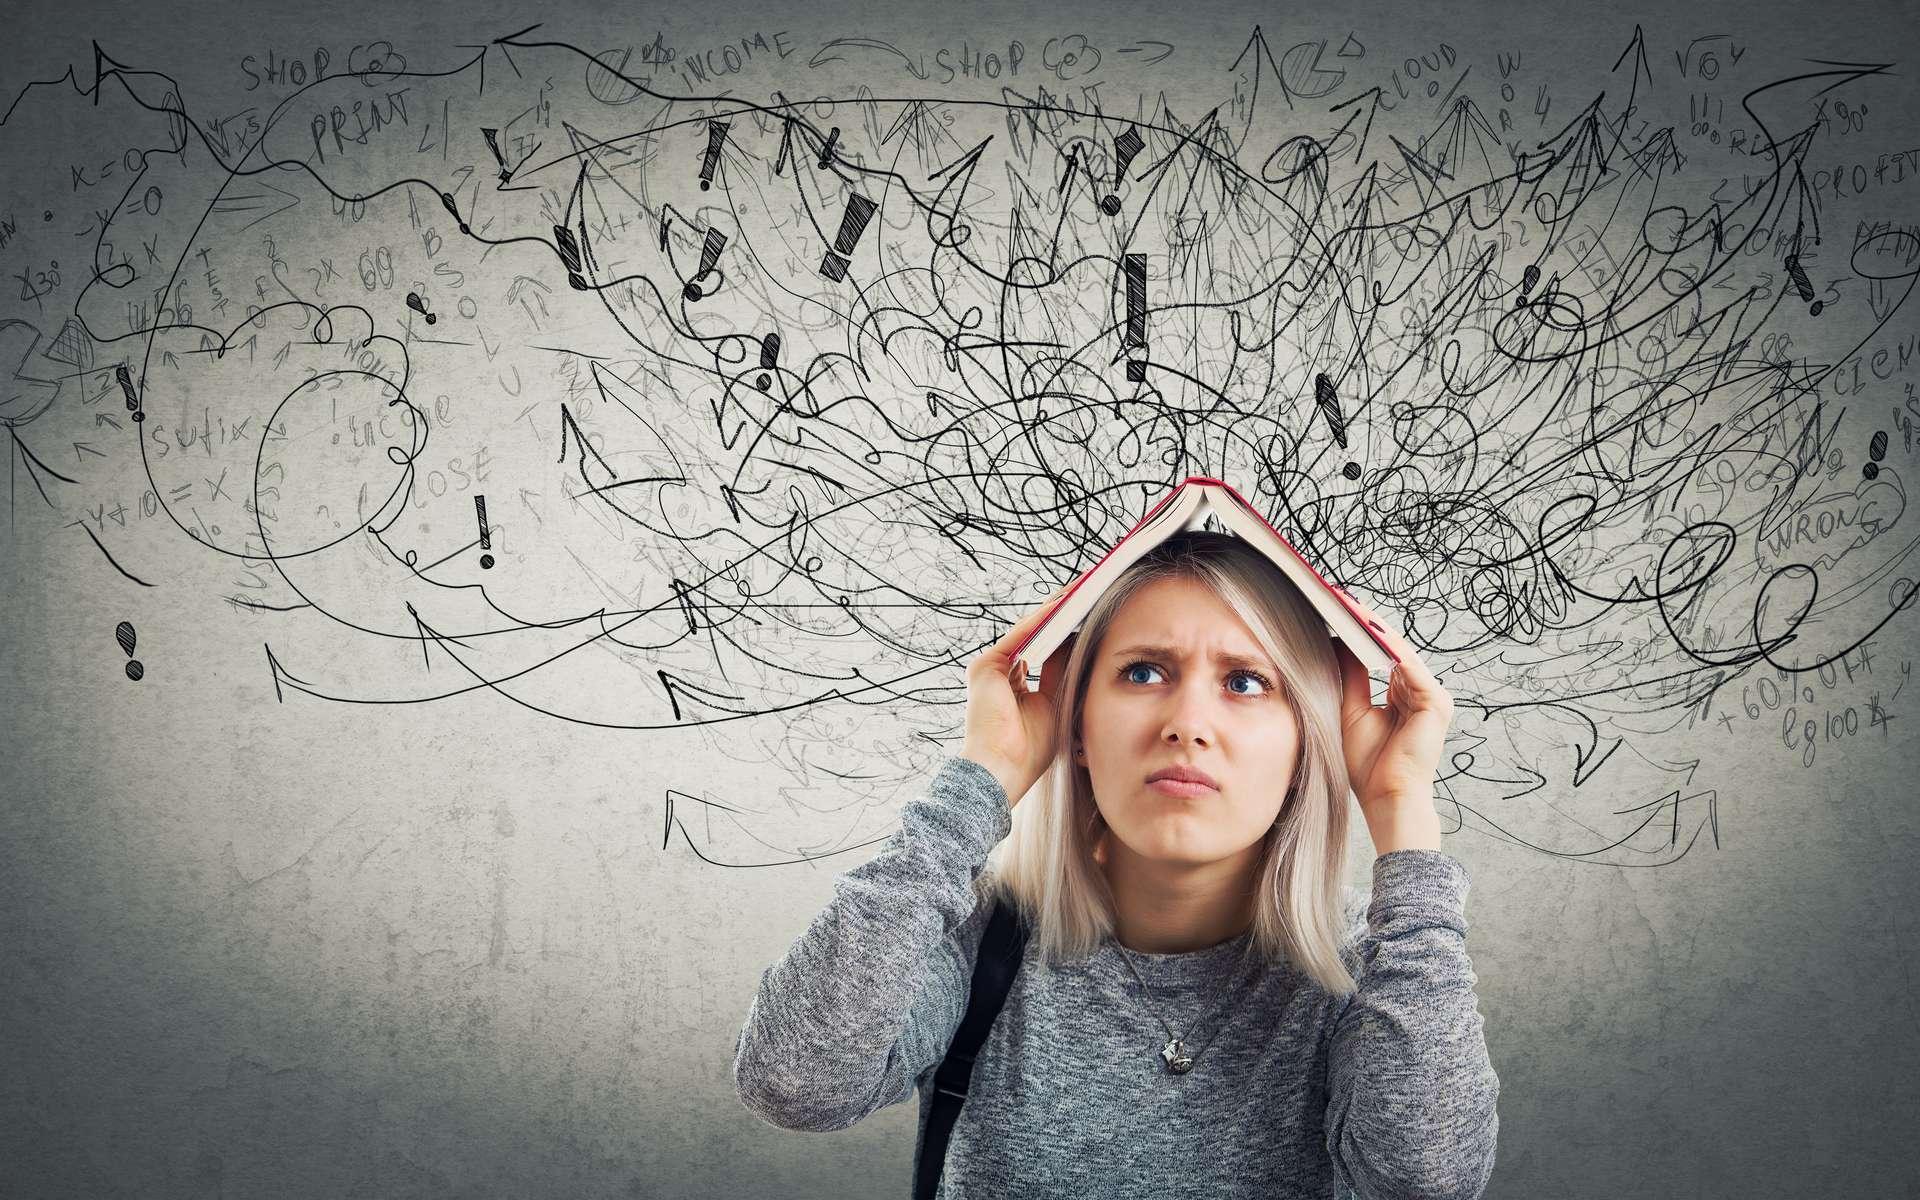 Pensées négatives : un facteur de risque de démence ? © 1STunningART, Adobe Stock